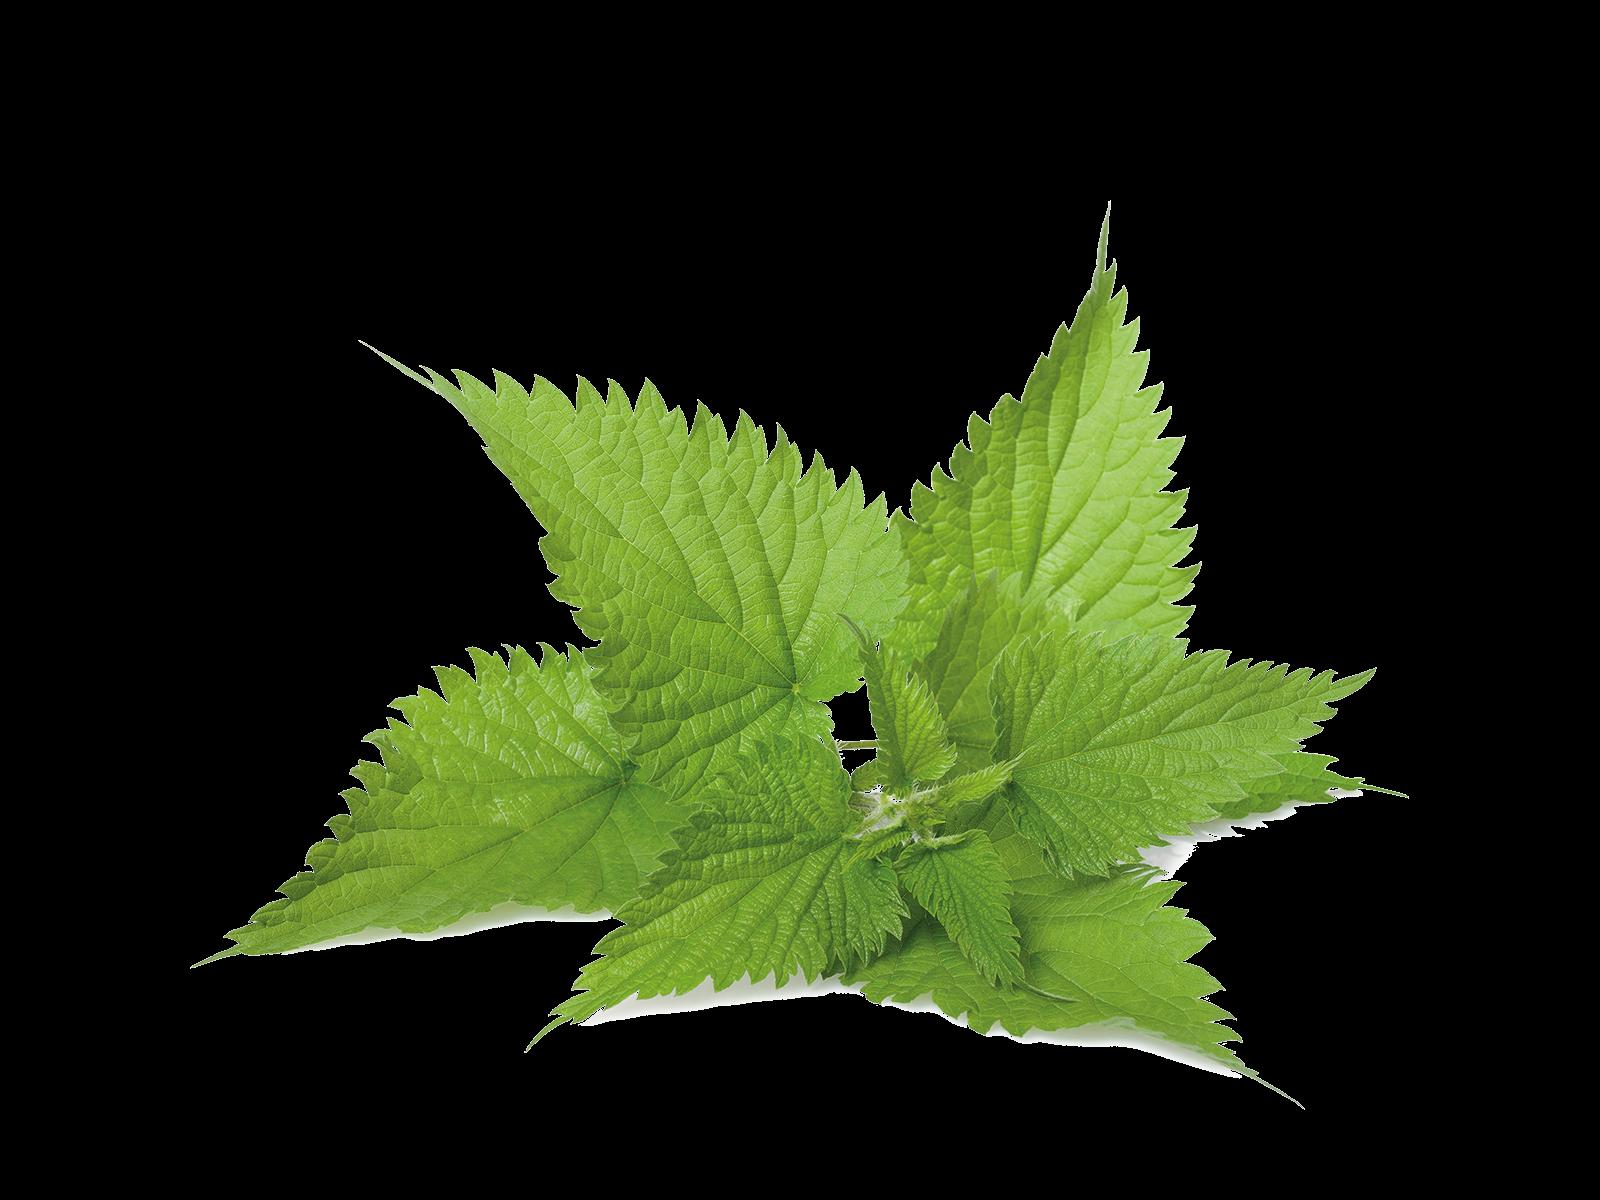 Brennessel aus dem Produkt Kräuter Brennnessel Blätter für Nager von Speers Hoff